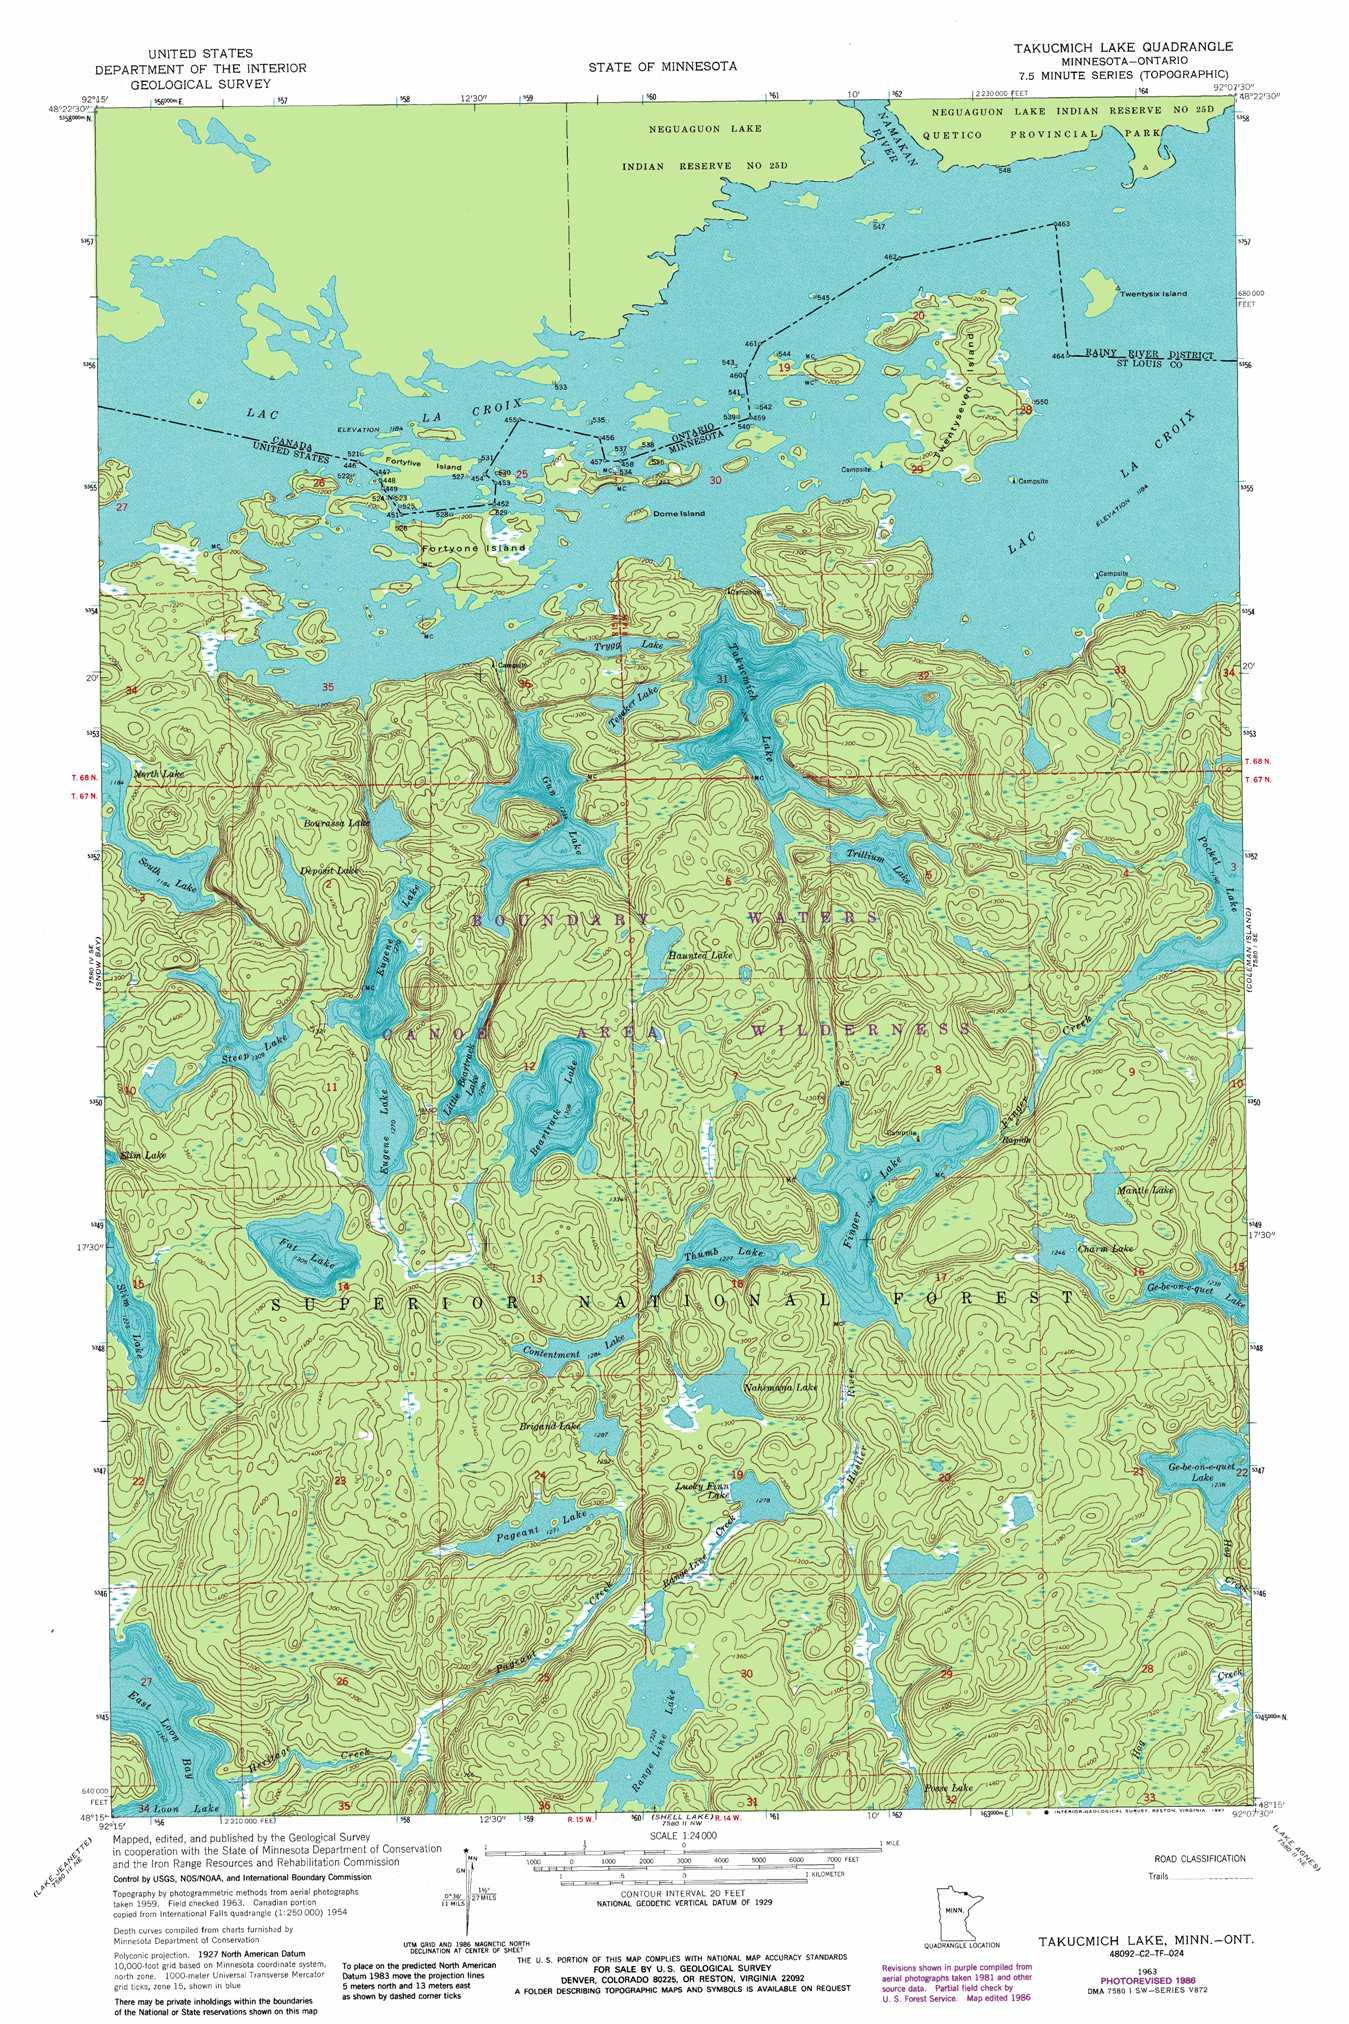 Takucmich Lake topographic map, MN - USGS Topo Quad 48092c2